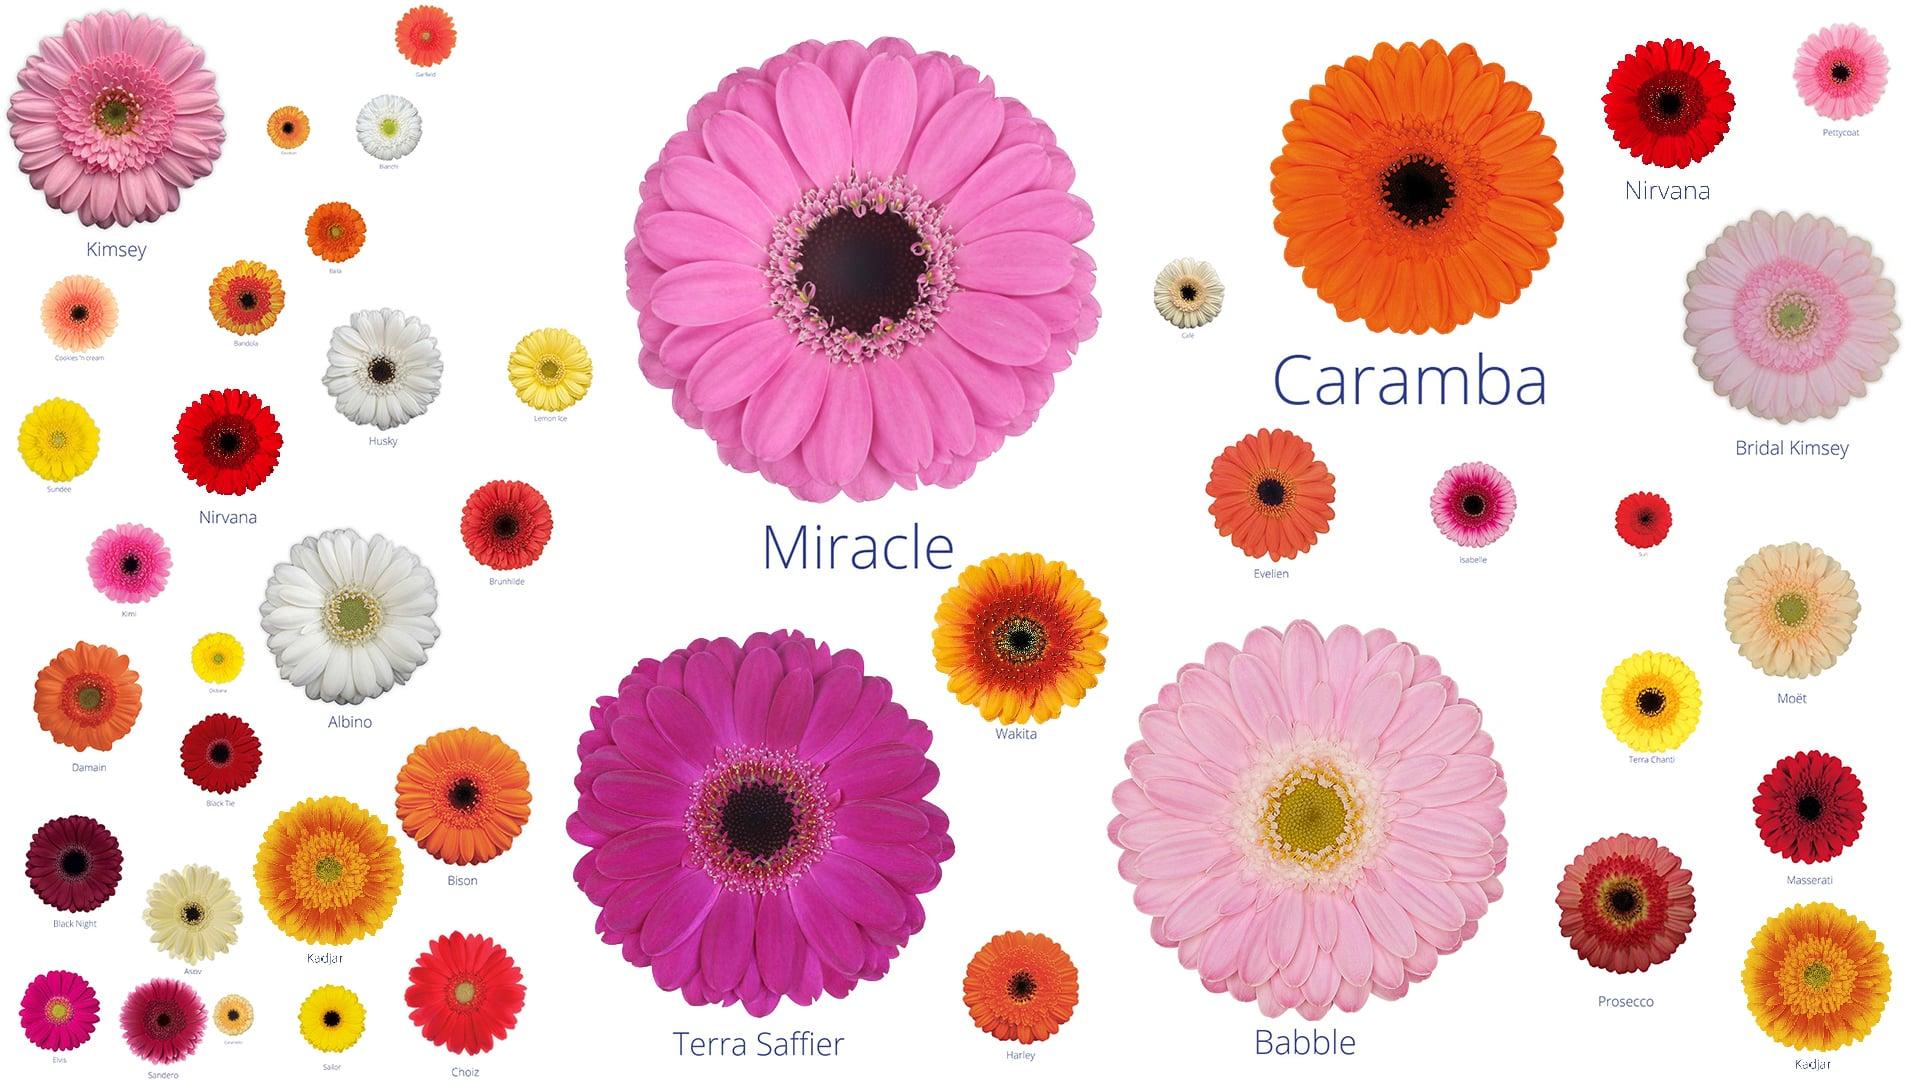 All the varieties of germinis of Jac Oudijk Gerberas